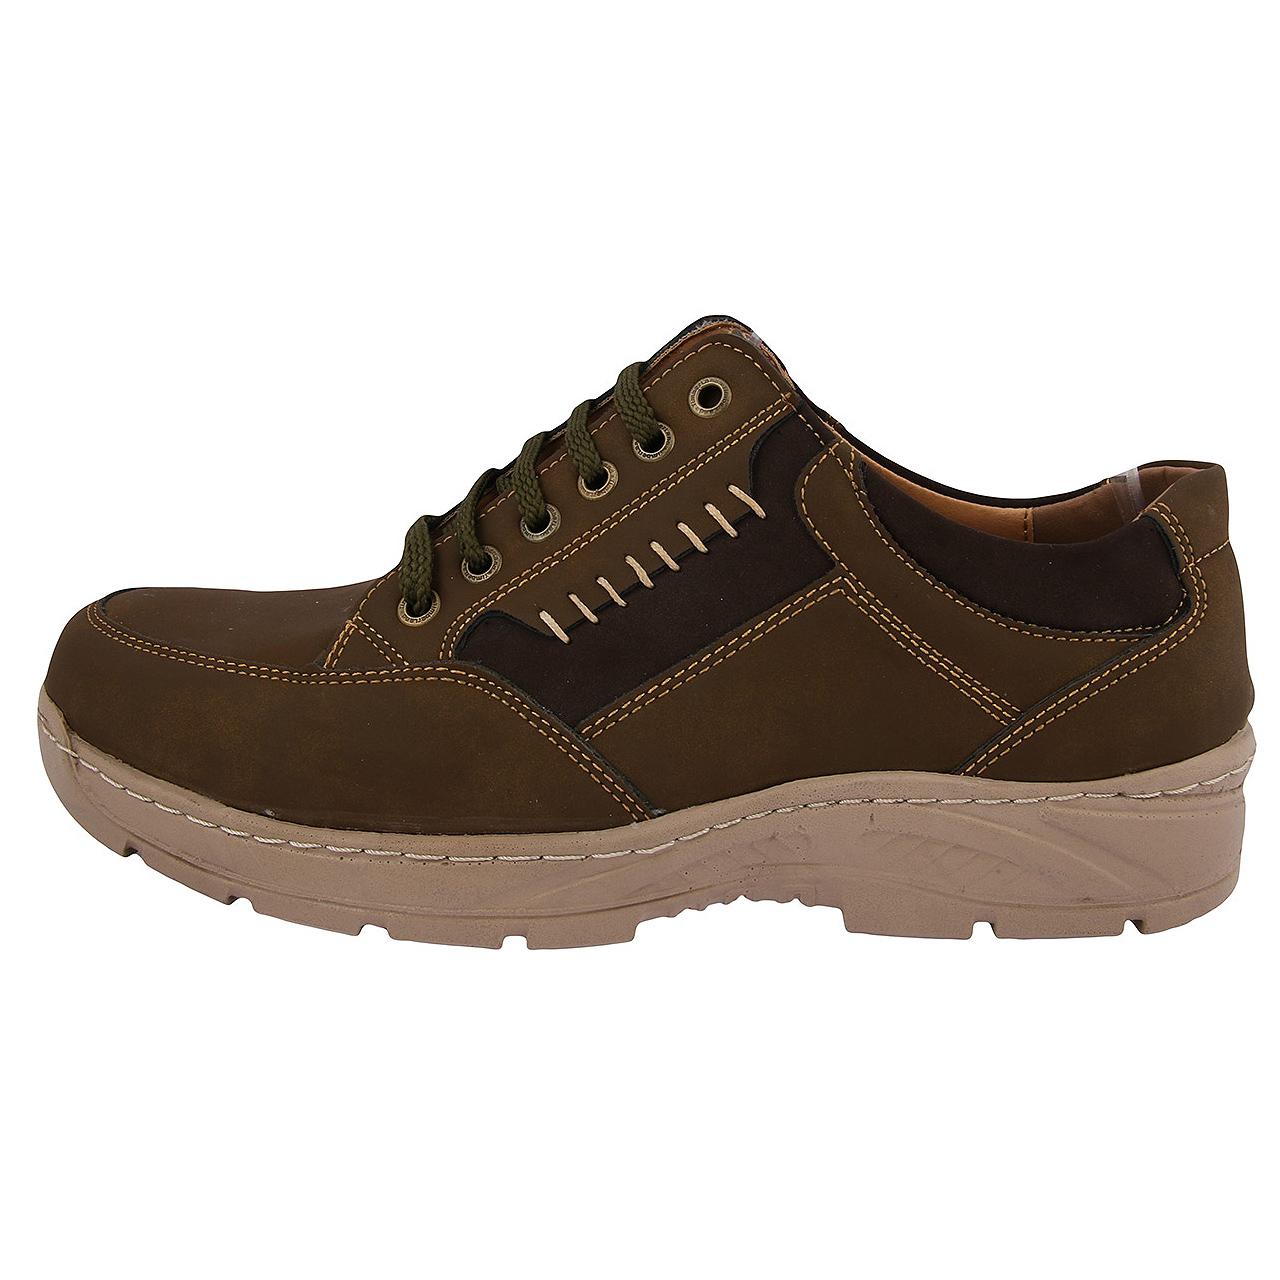 کفش راحتی مردانه طرح ریل کد 280003131